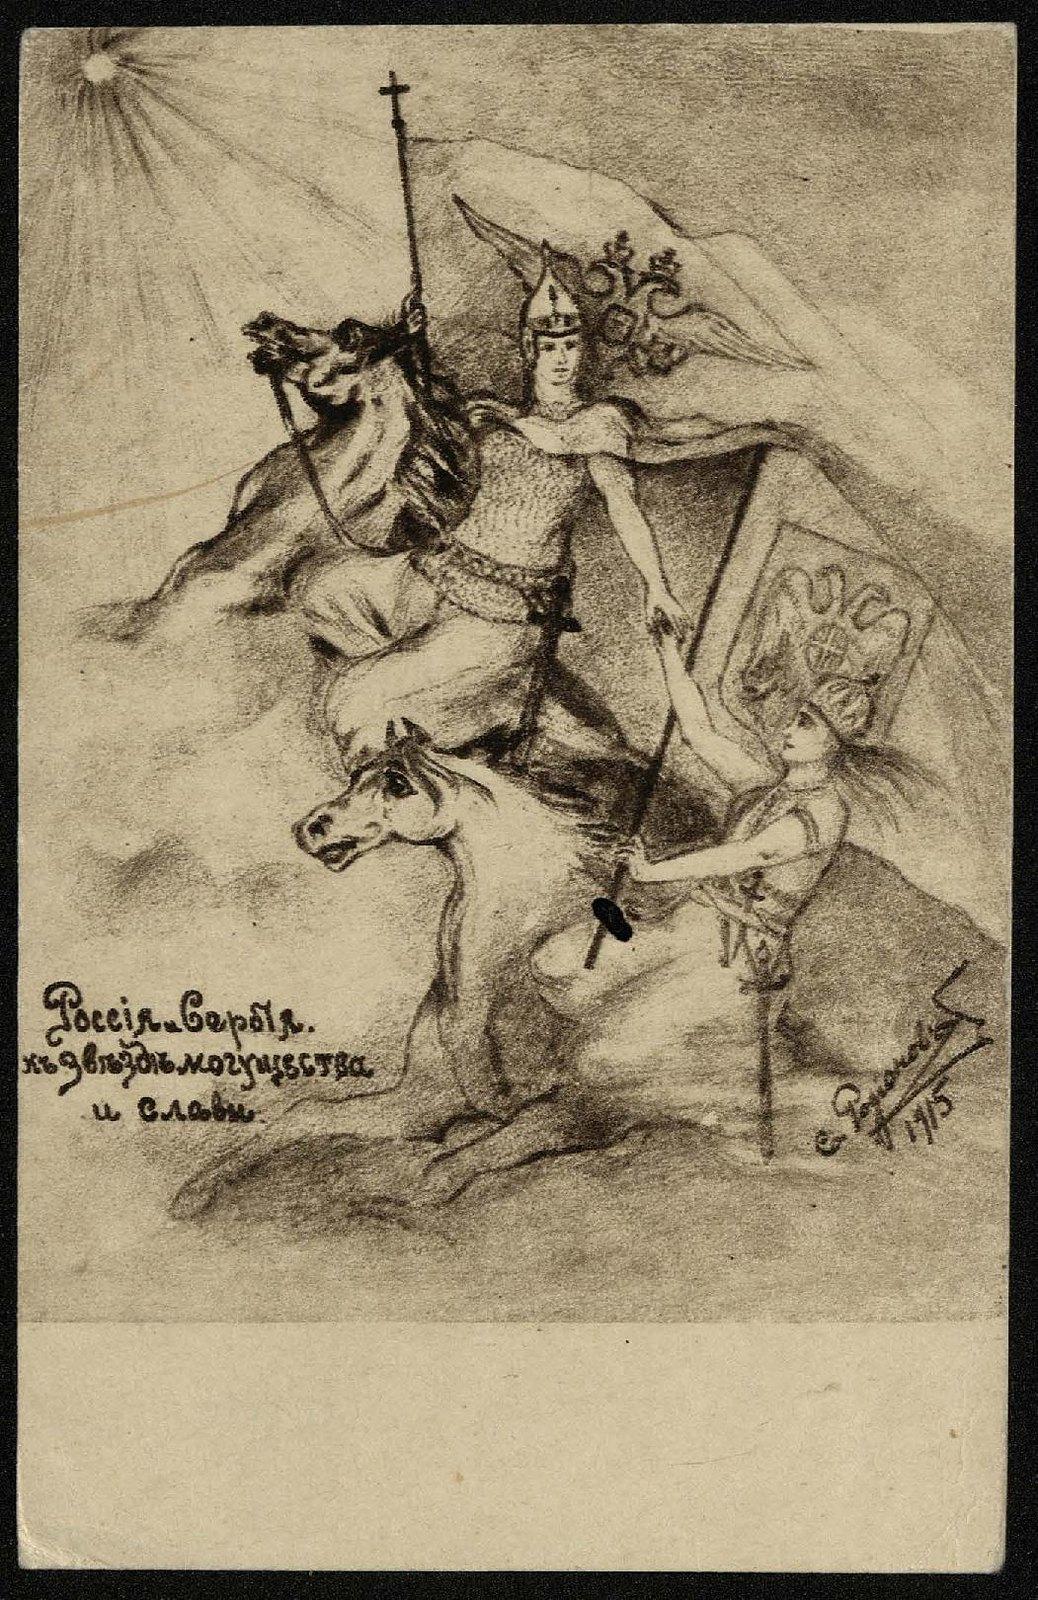 Россия и Сербия. К звезде могущества и славы